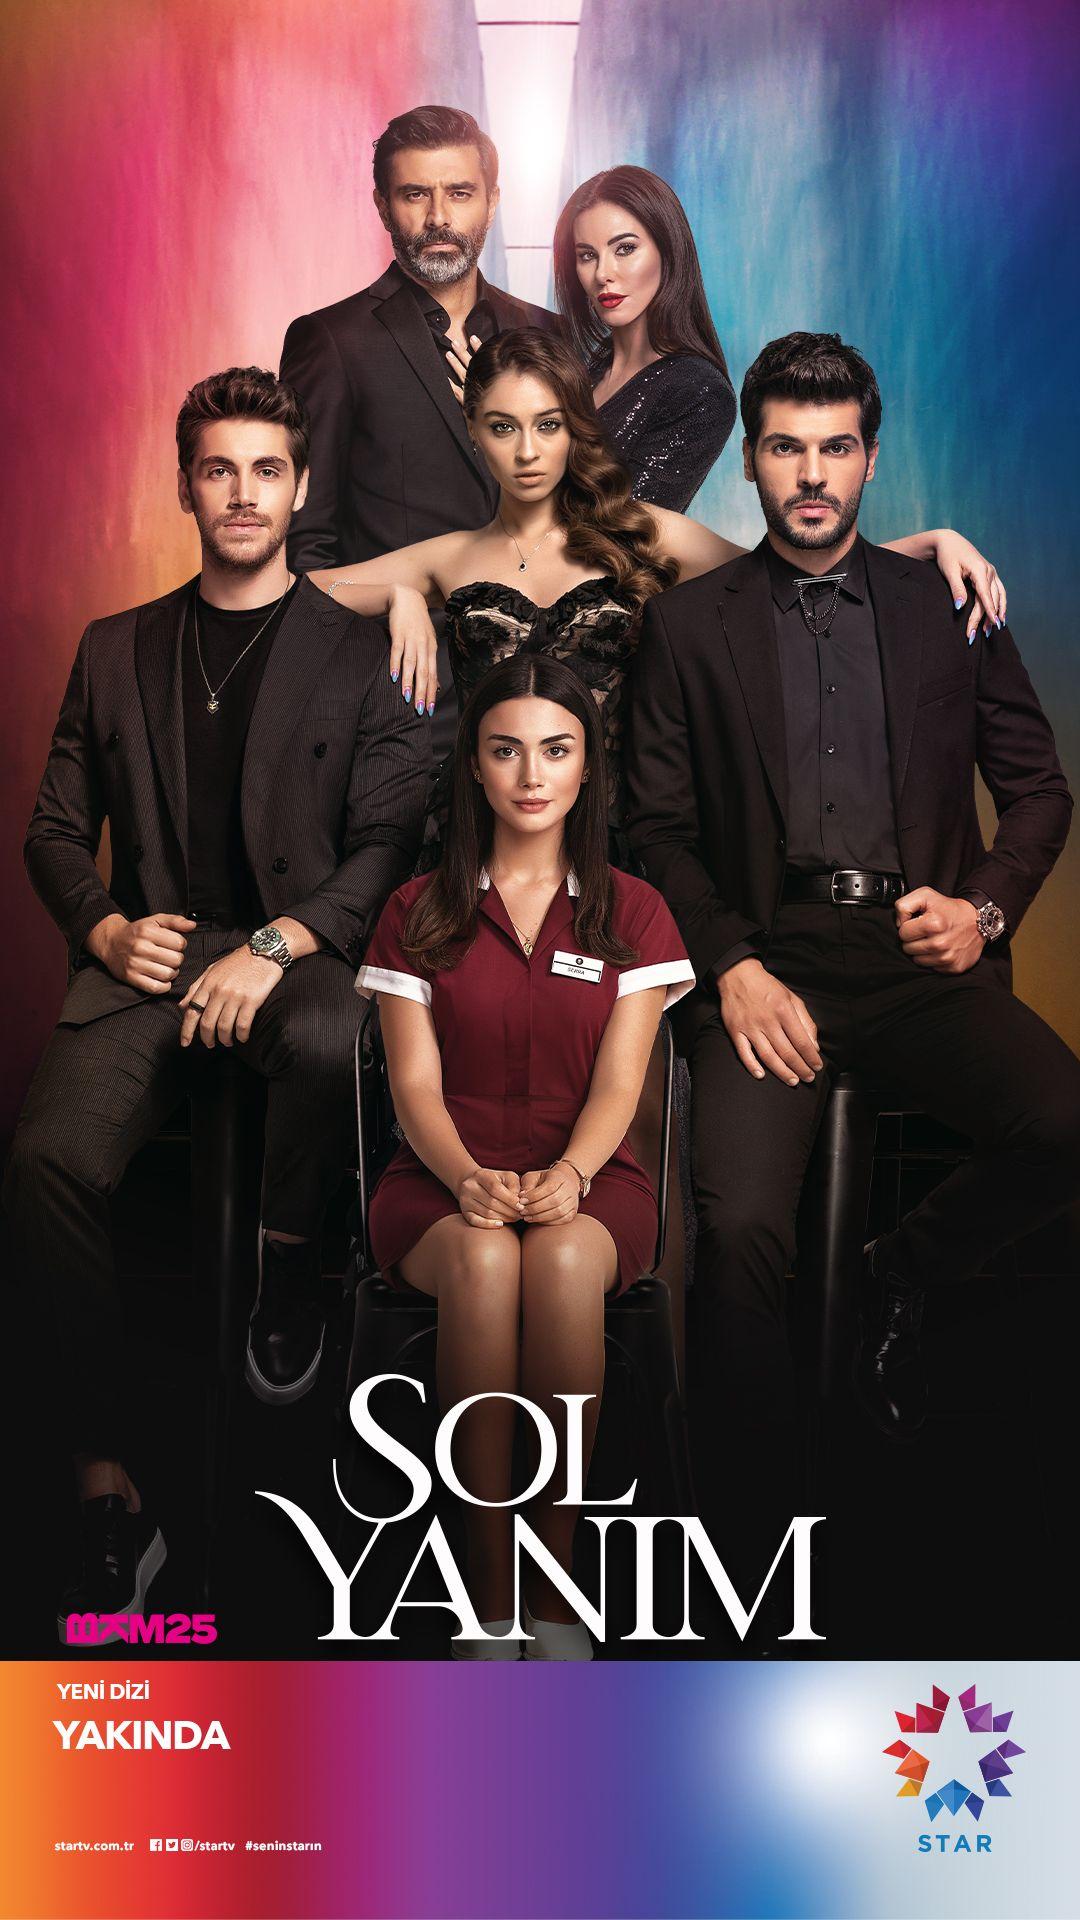 Sol Yanım dizisinin afişi yayınlandı - Sayfa:2